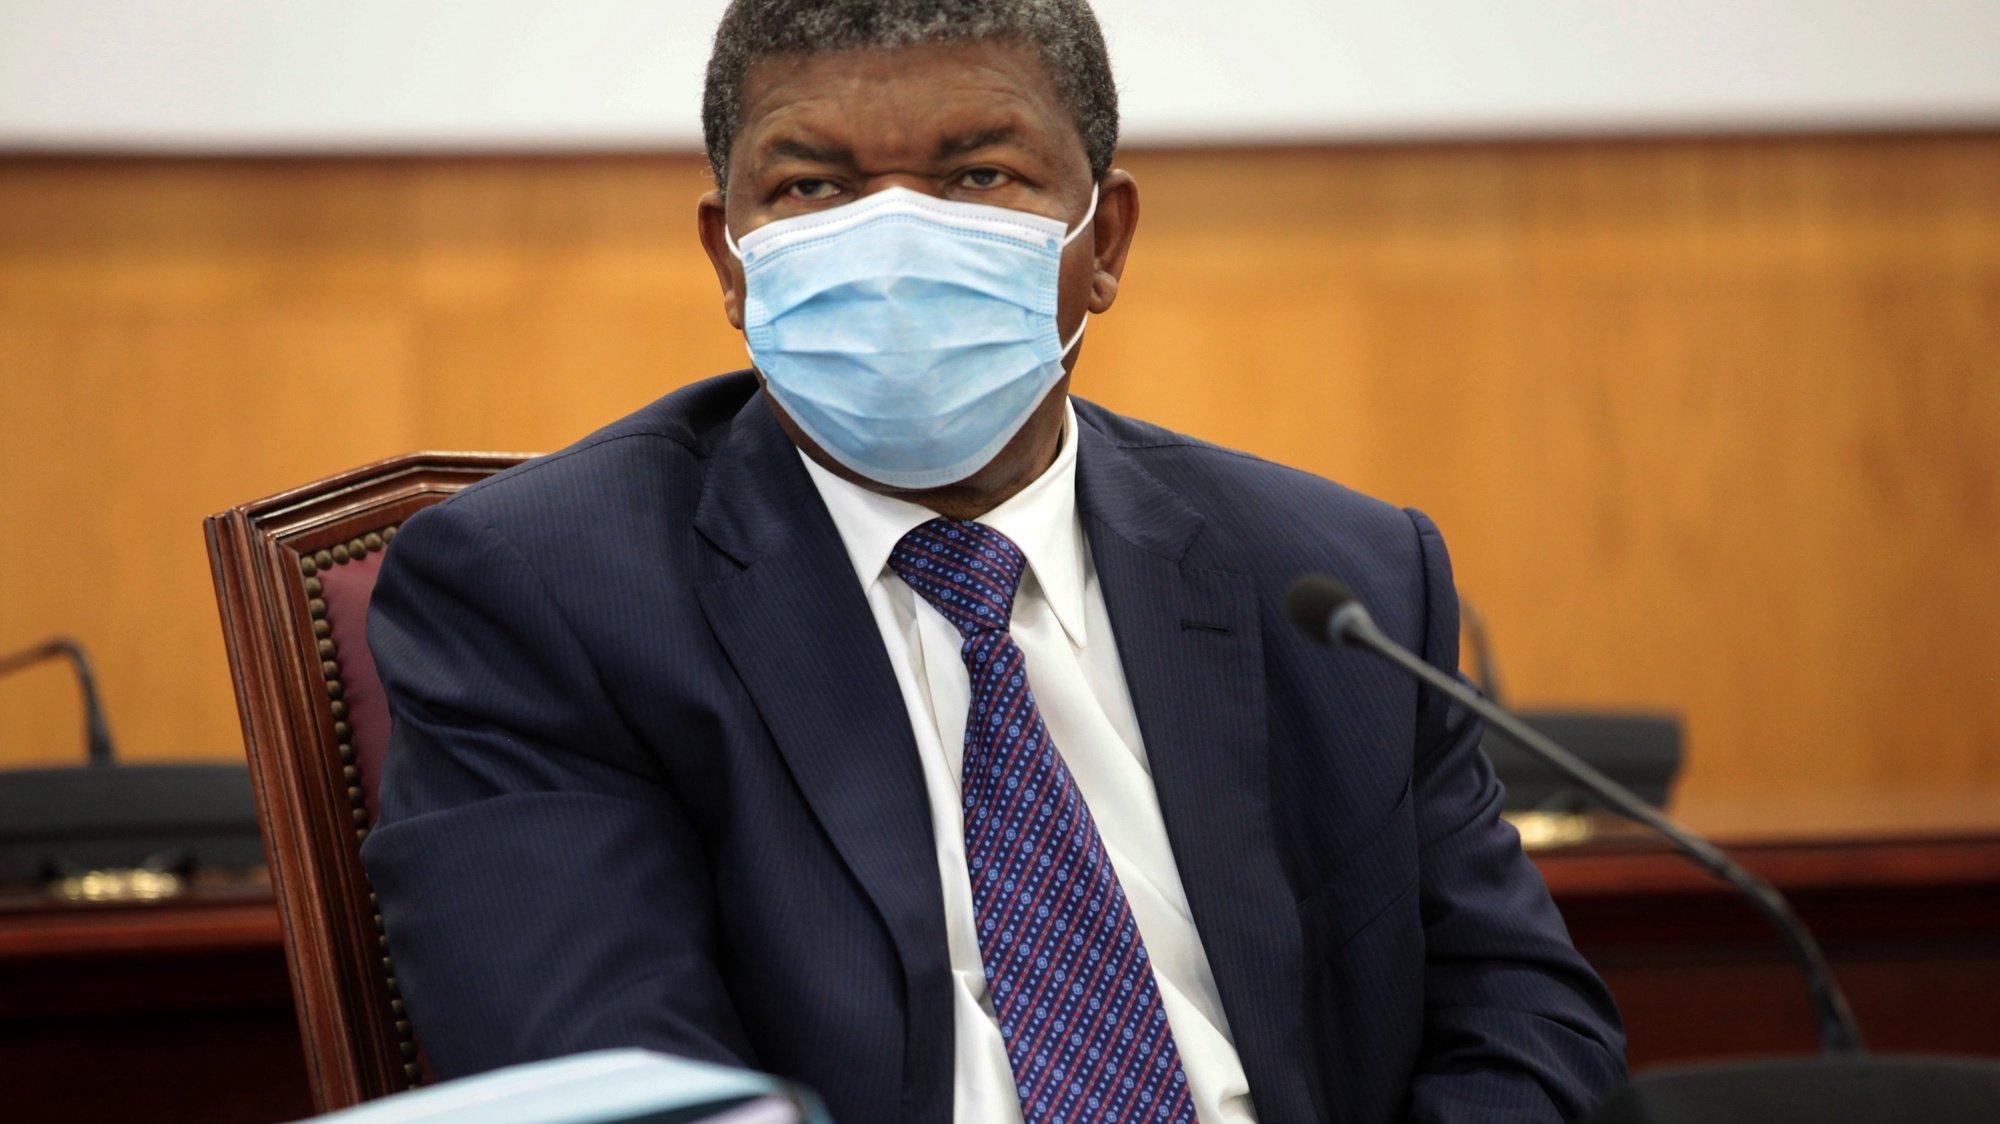 O presidente do Movimento Popular de Libertação de Angola (MPLA), João Lourenço, preside à 9.ª reunião do Secretariado do Bureau Político do partido, em Luanda, Angola, 12 de setembro de 2020. AMPE ROGÉRIO/LUSA